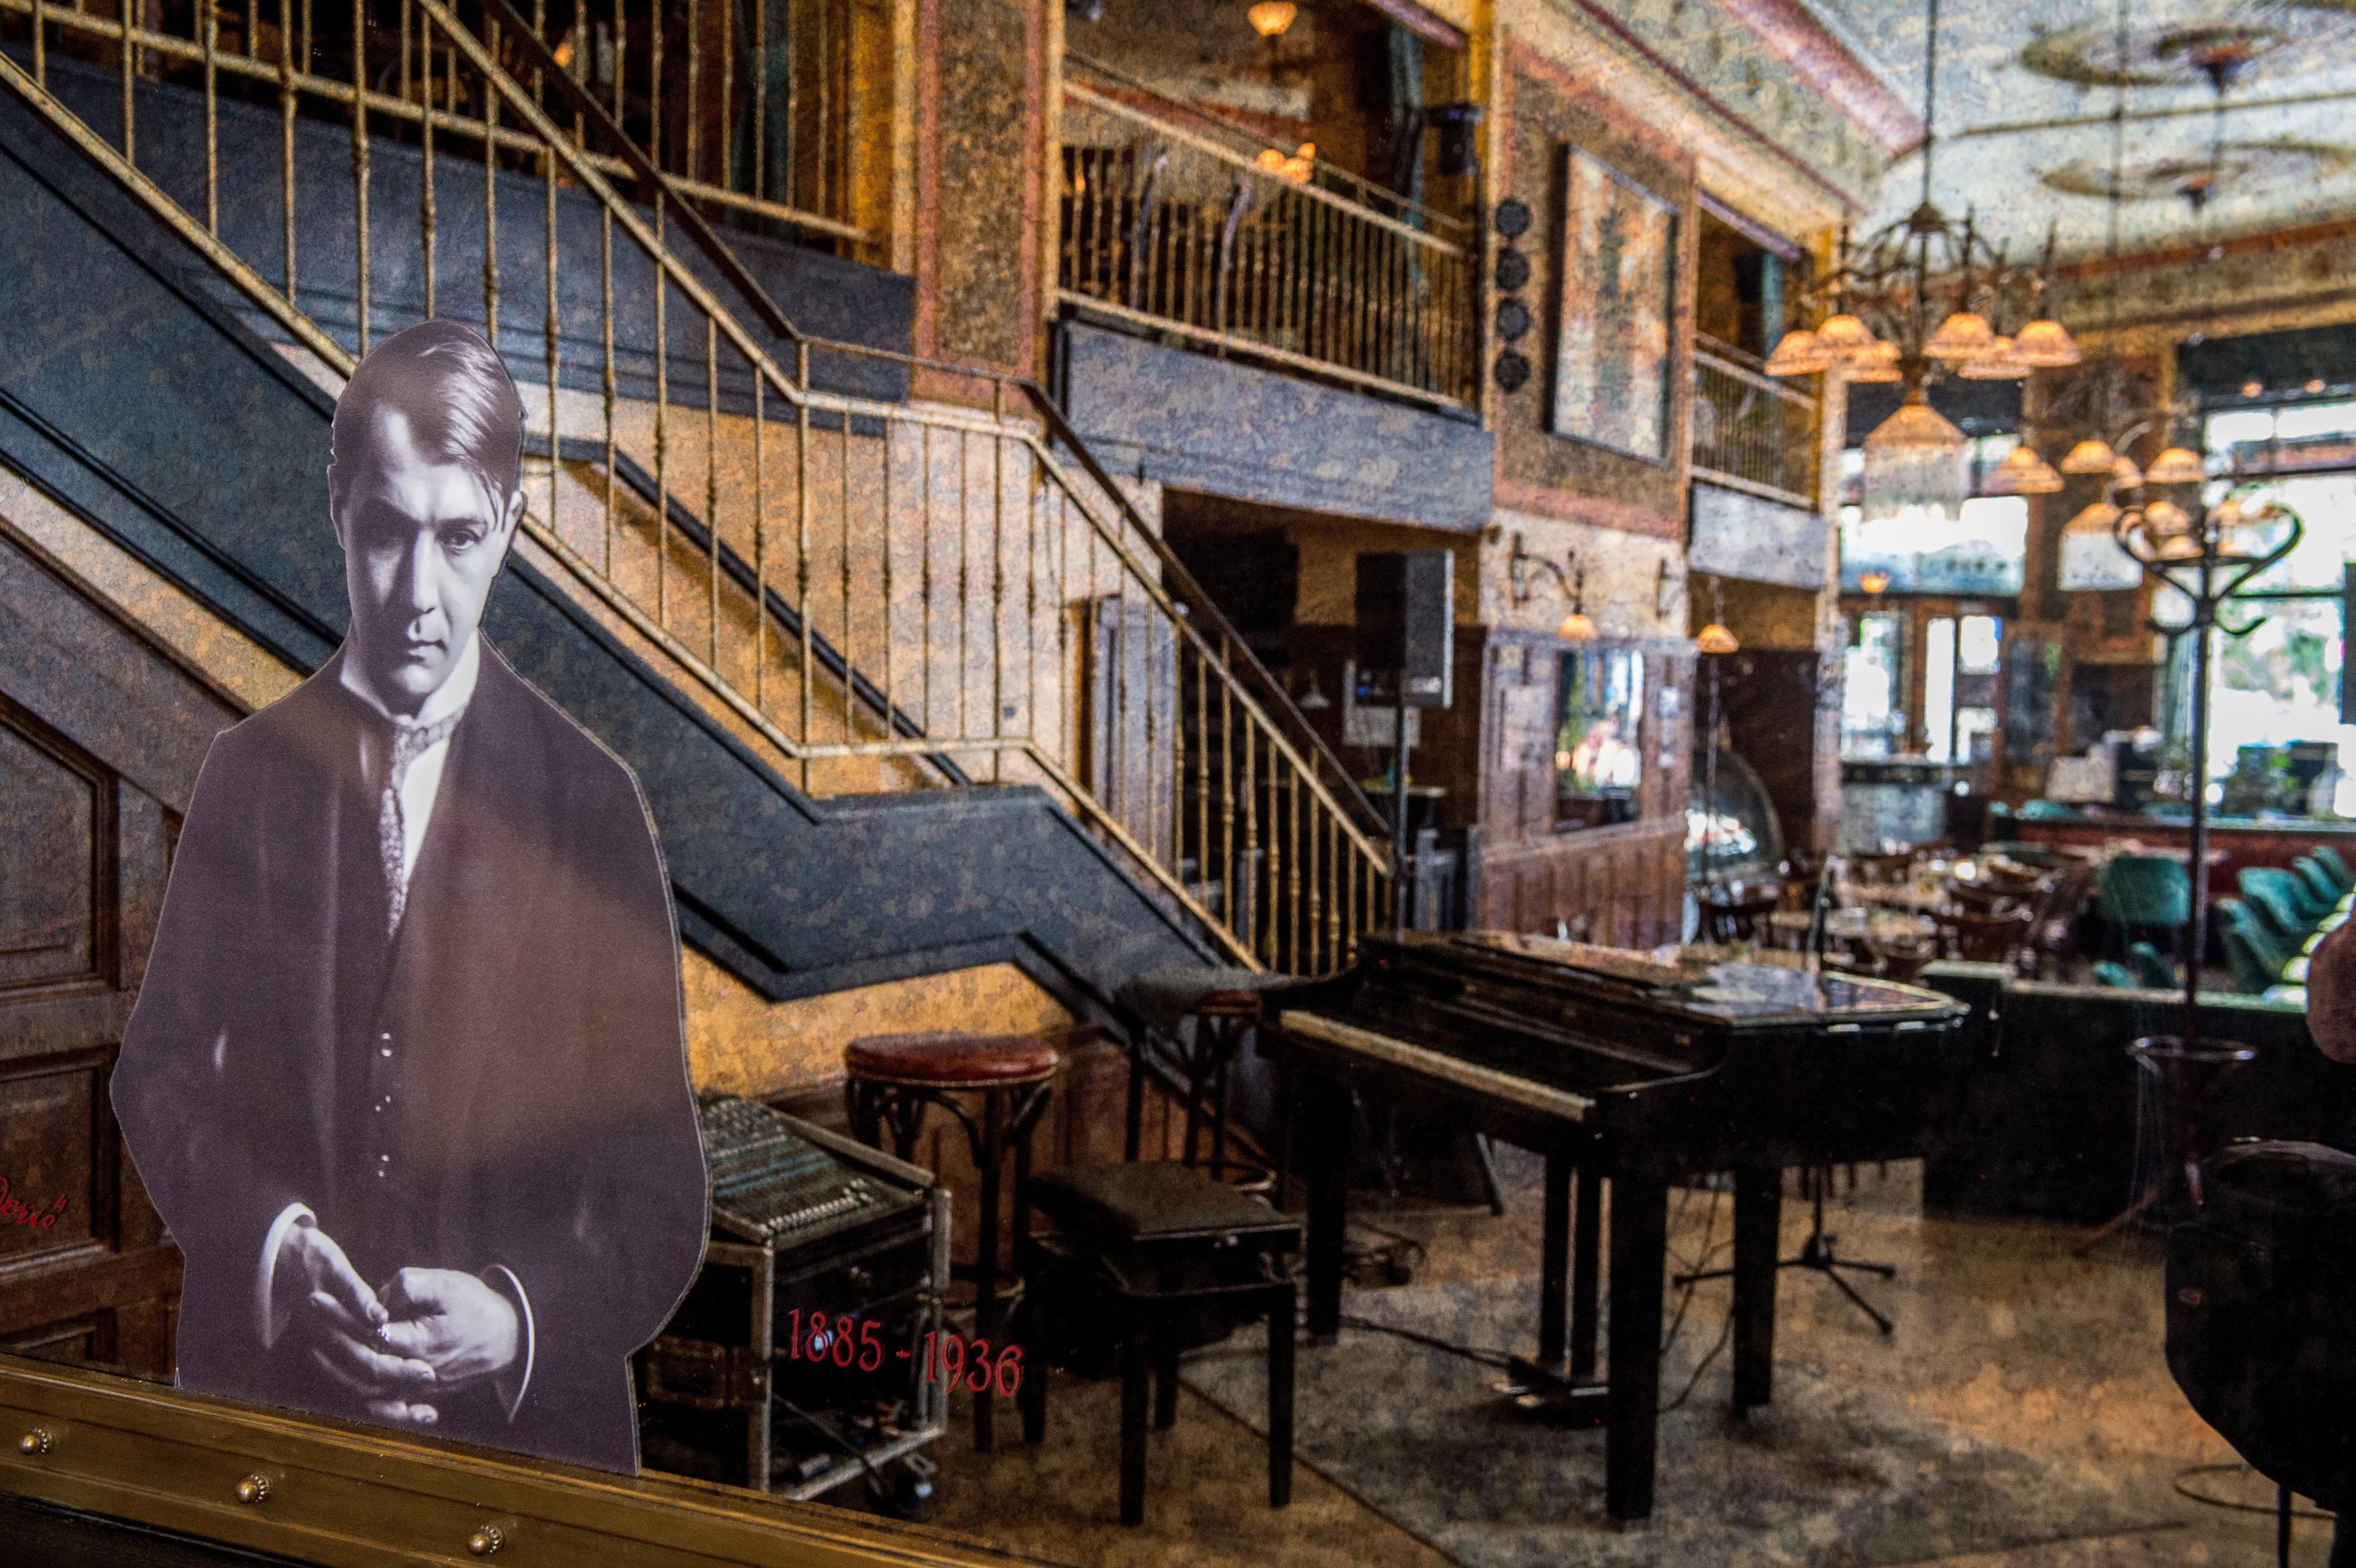 Történelmi kávéházak - Centrál Kávéház